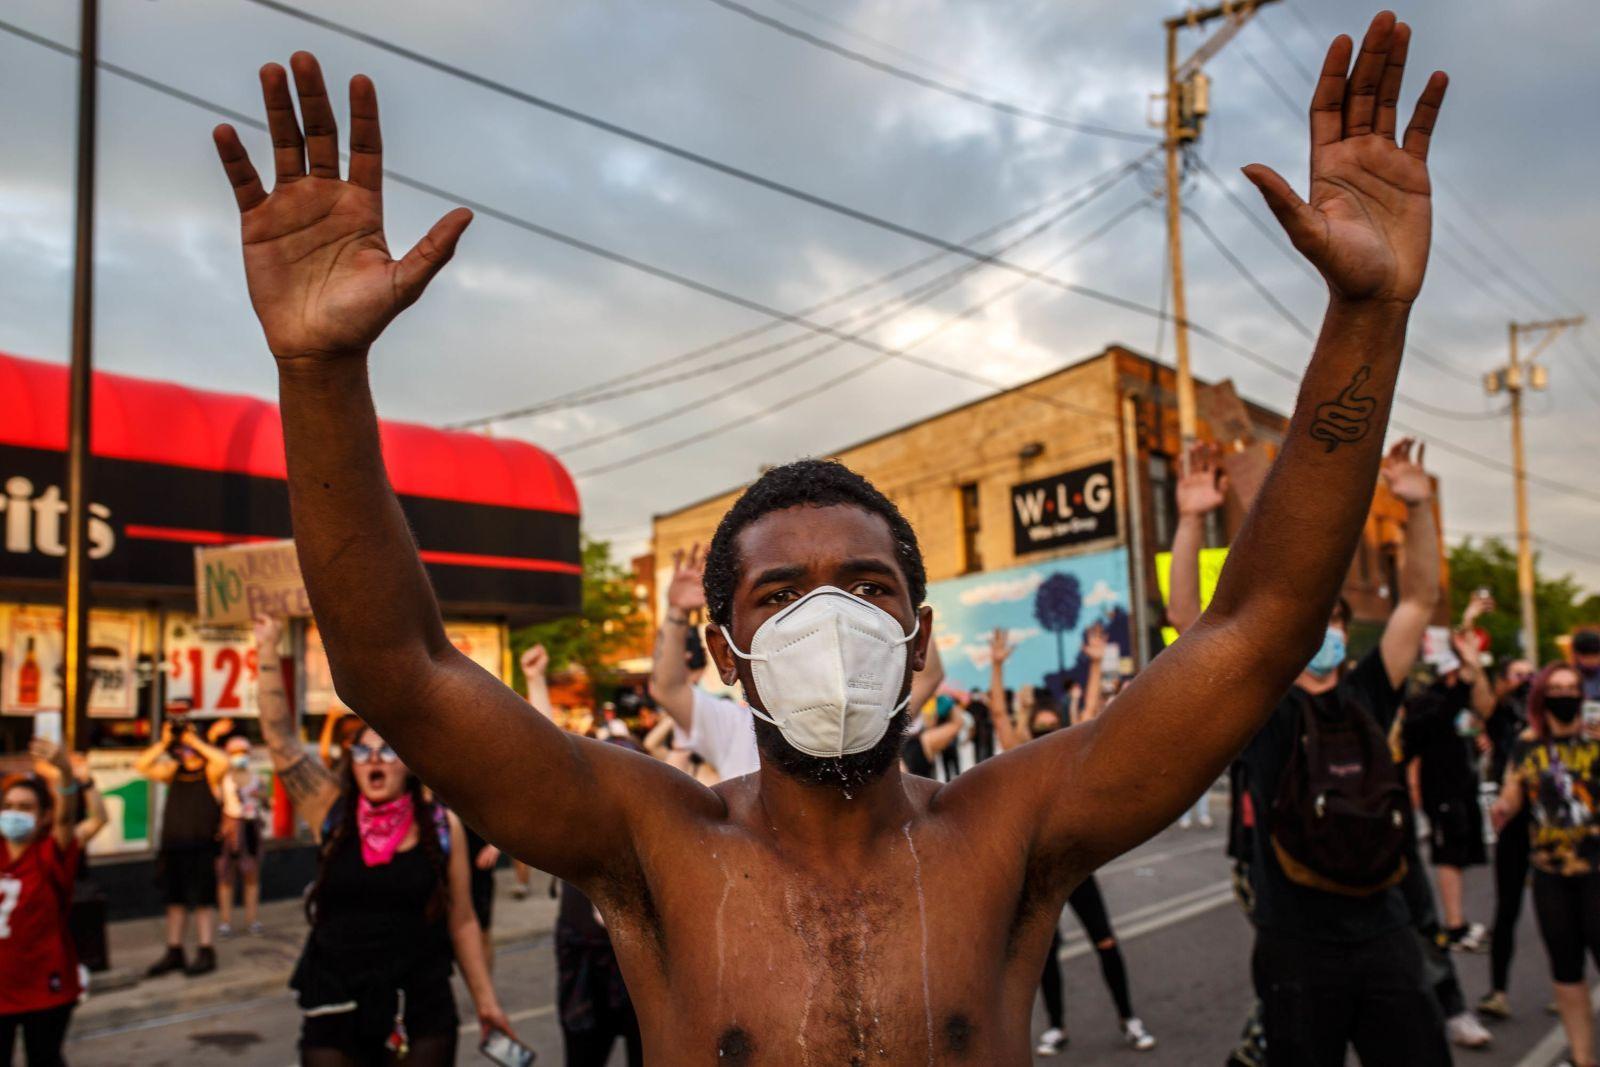 CNN : Kerem Yucel/AFP/Getty Images